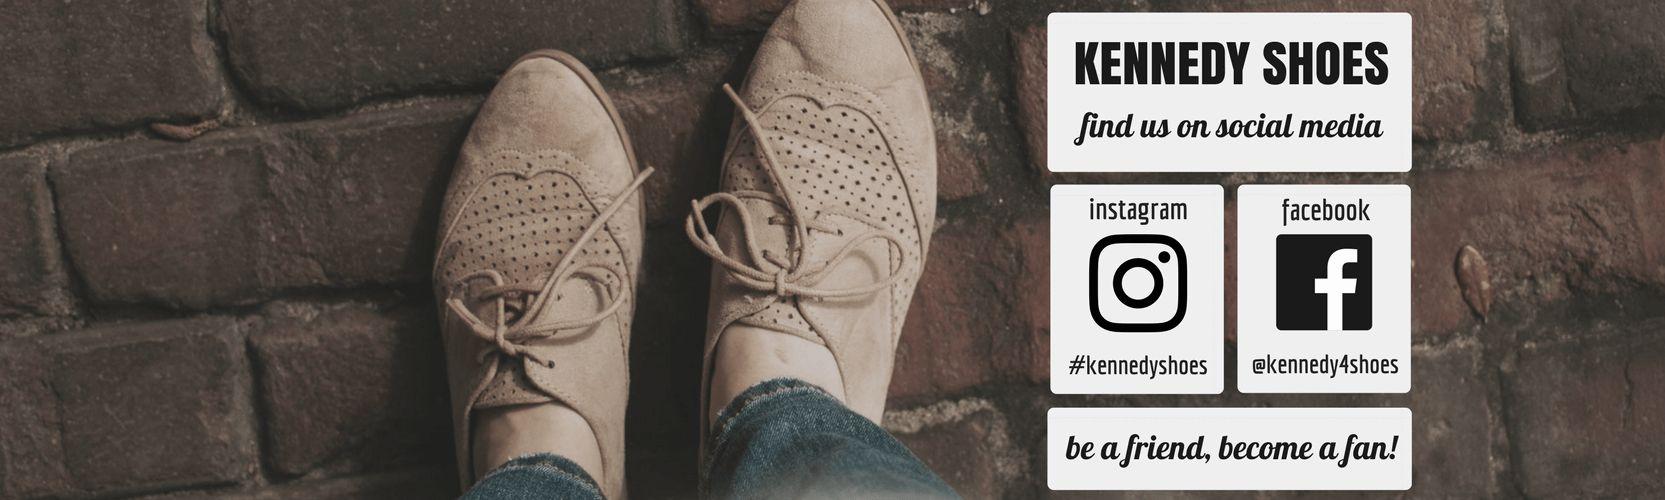 γυναικεια παπουτσια - πεδιλα - σανδαλια - μποτες - μποτακια kennedy shoes